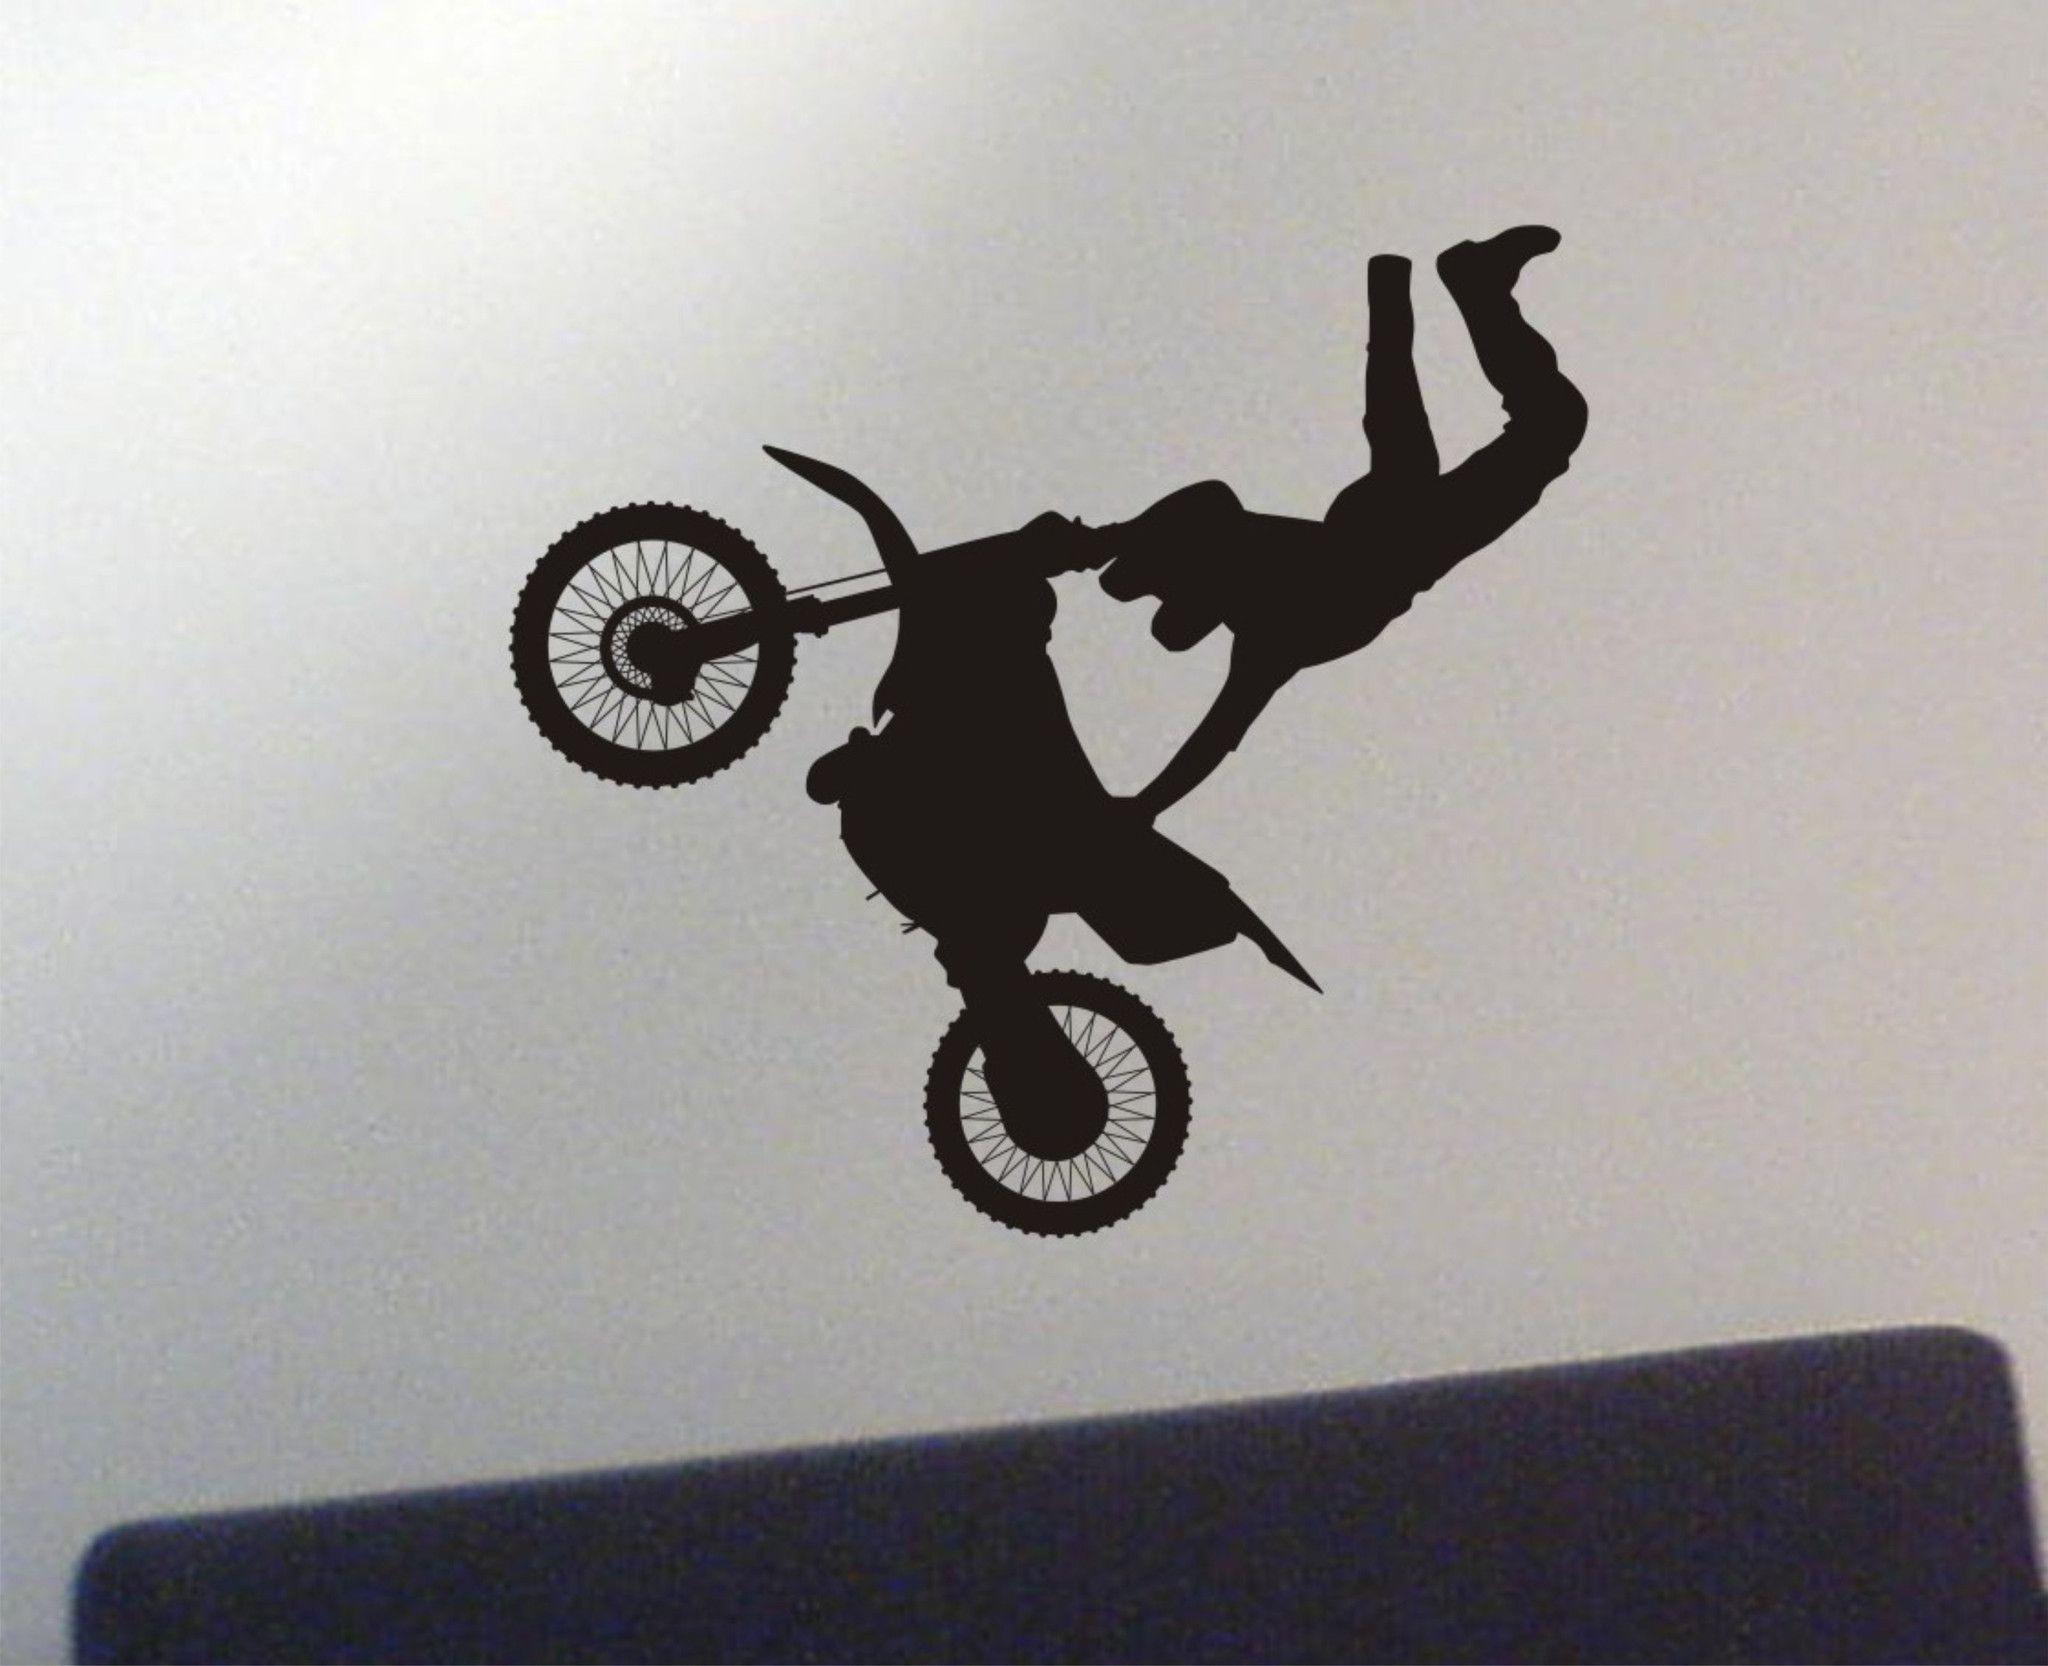 Dirtbike wall decal - motocross sticker | Motocross, Wall decals ...